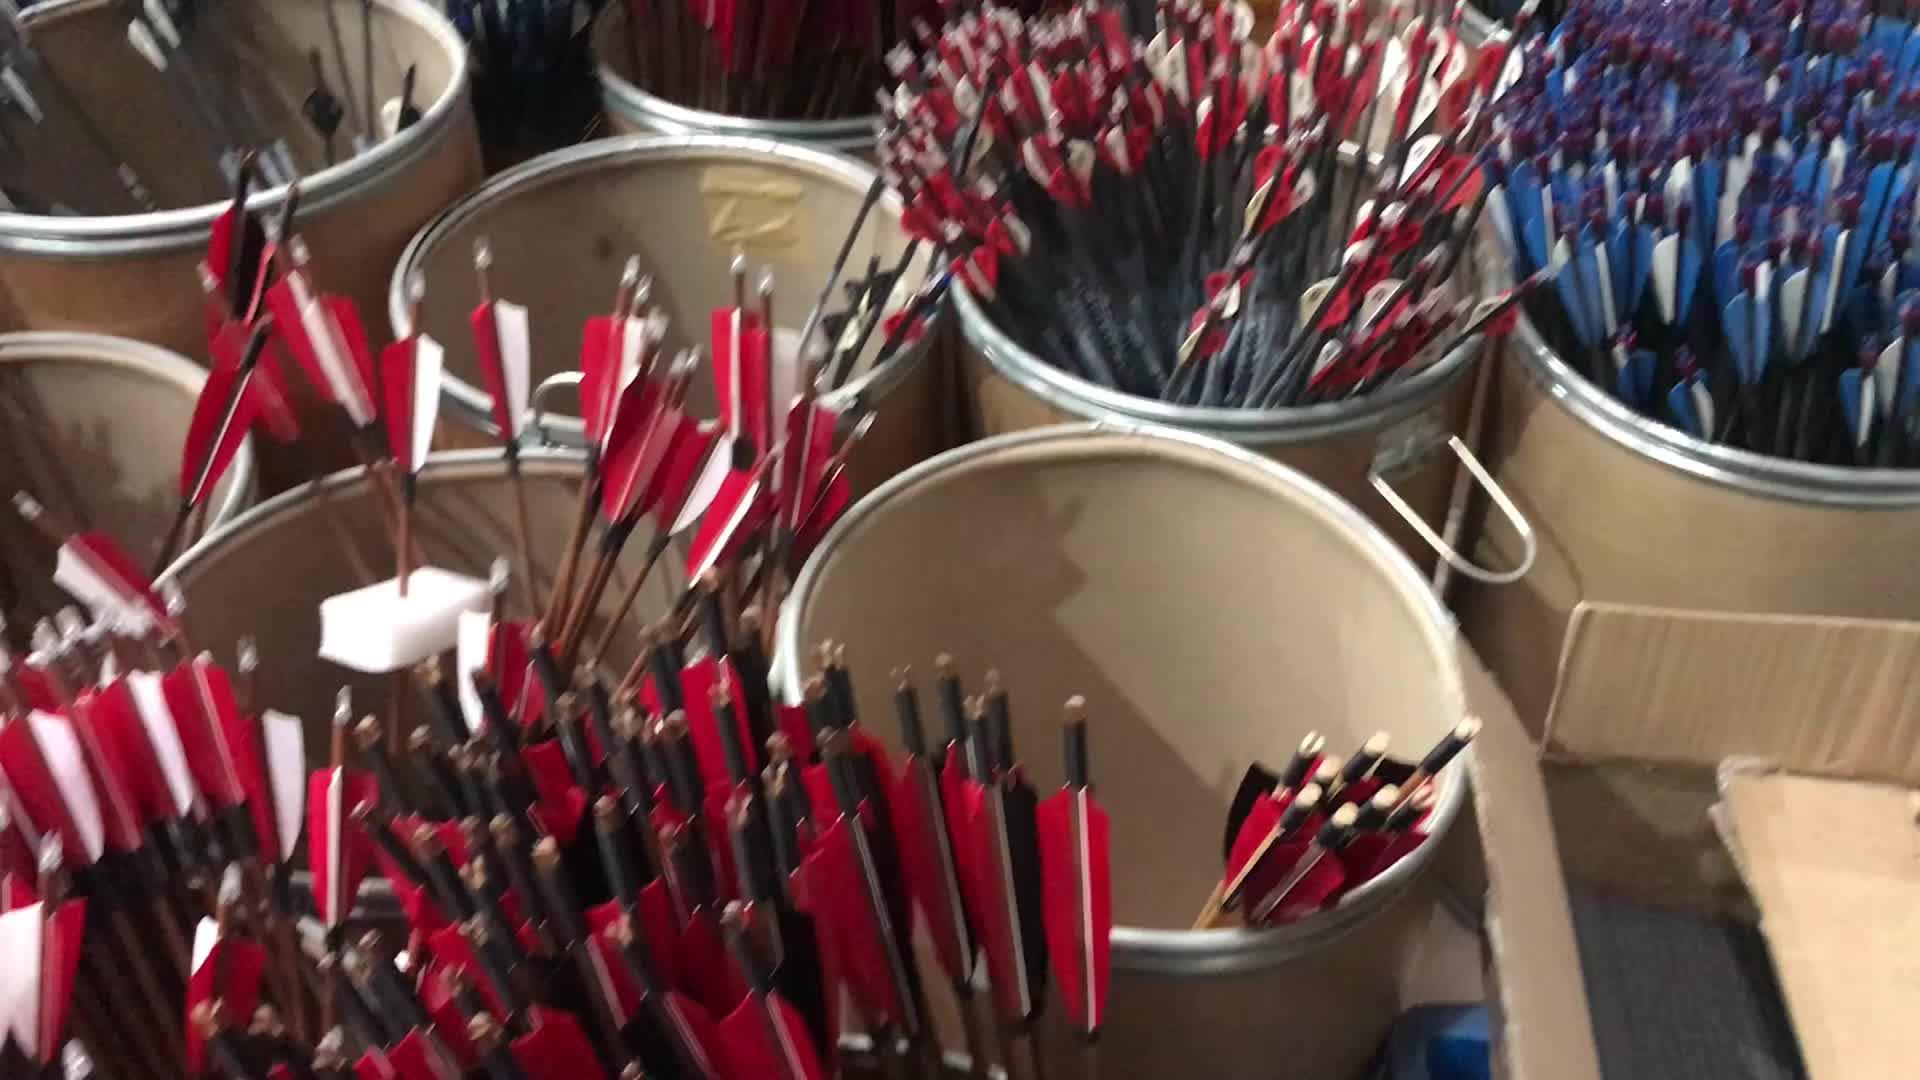 Spg Recurve Compound Bogen Carbon Glasvezel Hout Bamboe Boogschieten Pijlen Voor De Jacht Schieten